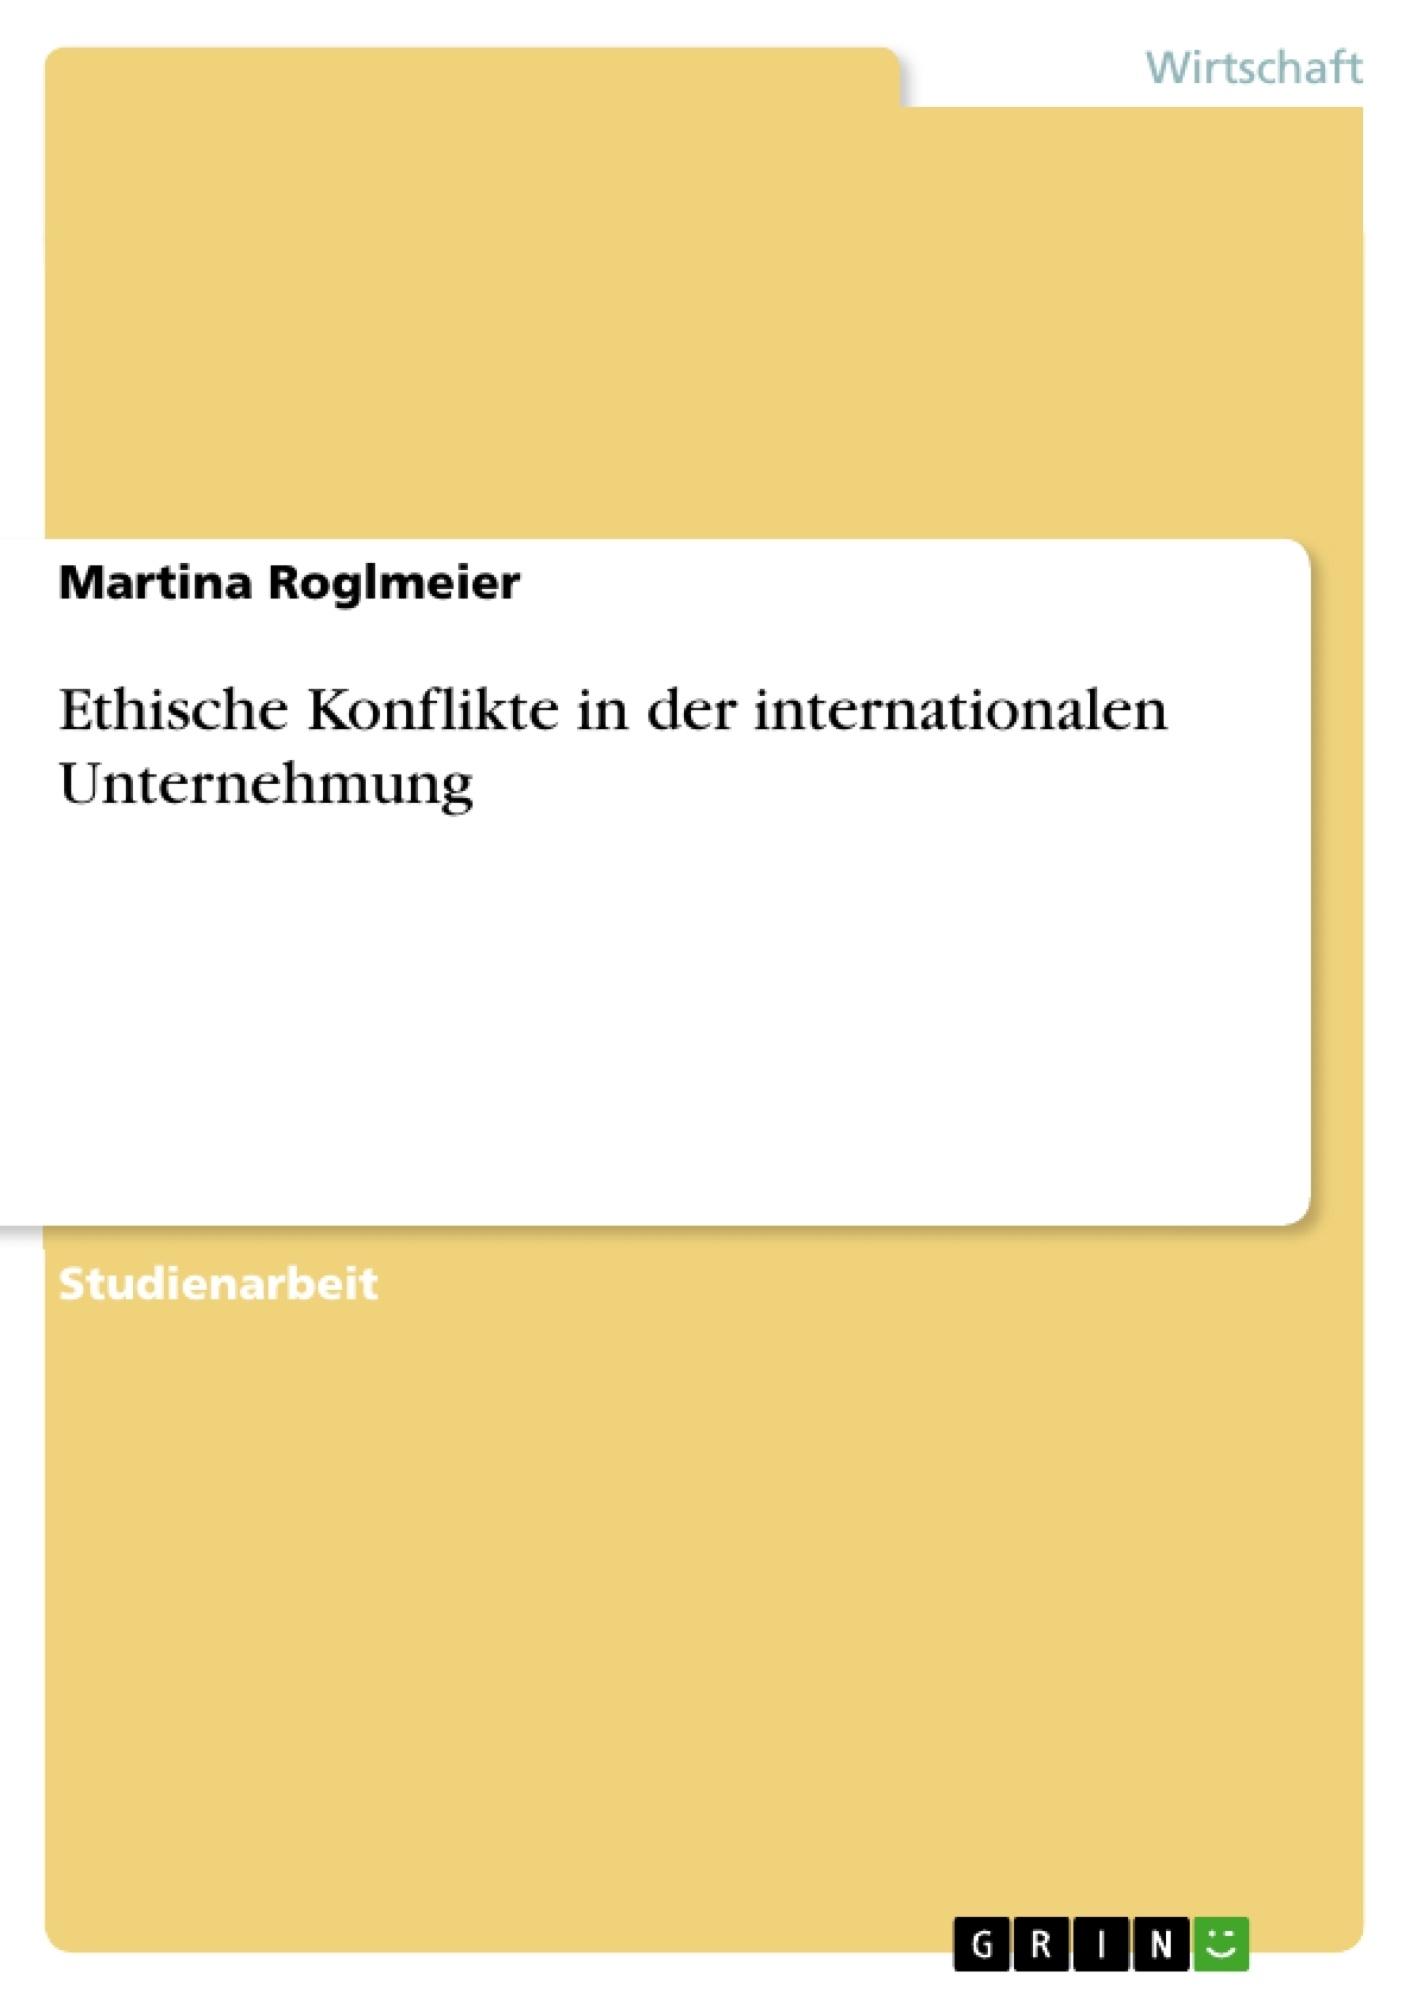 Titel: Ethische Konflikte in der internationalen Unternehmung